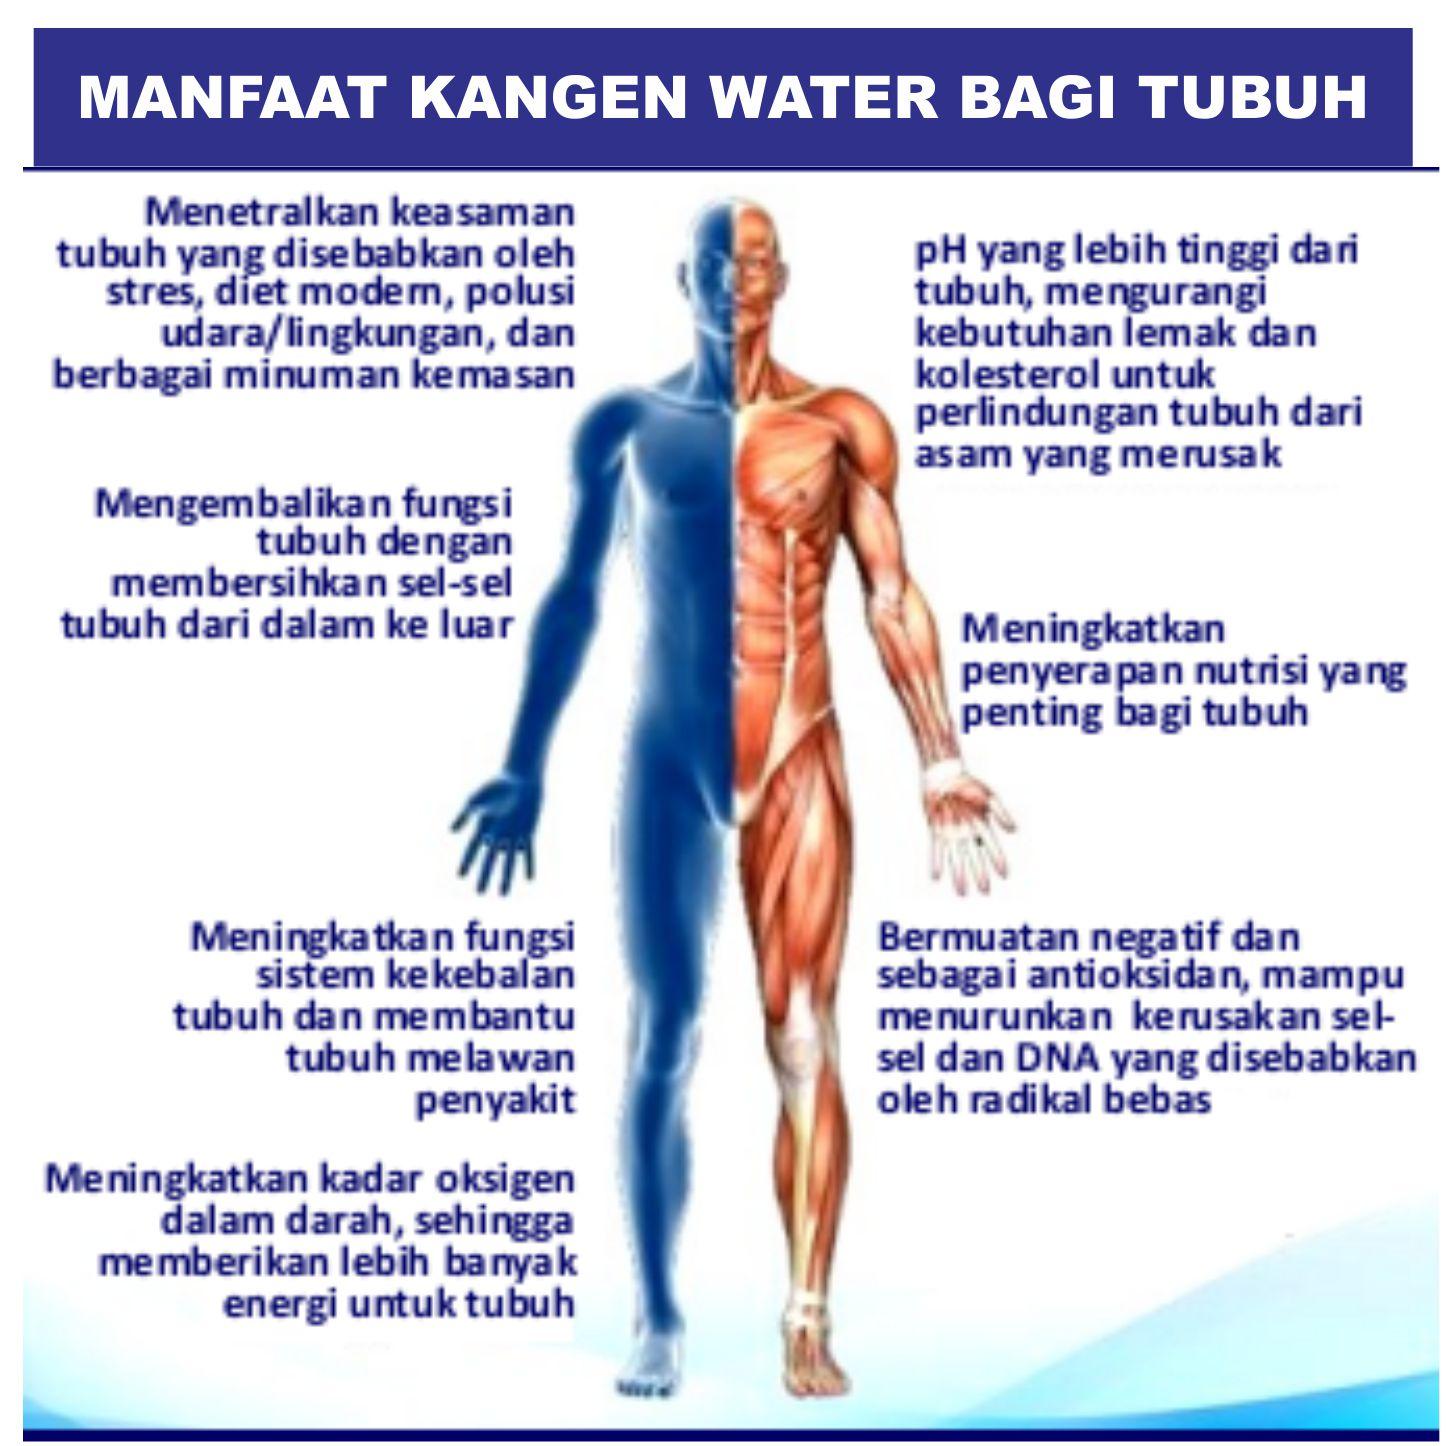 Agen Kangen Water Tangerang Selatan